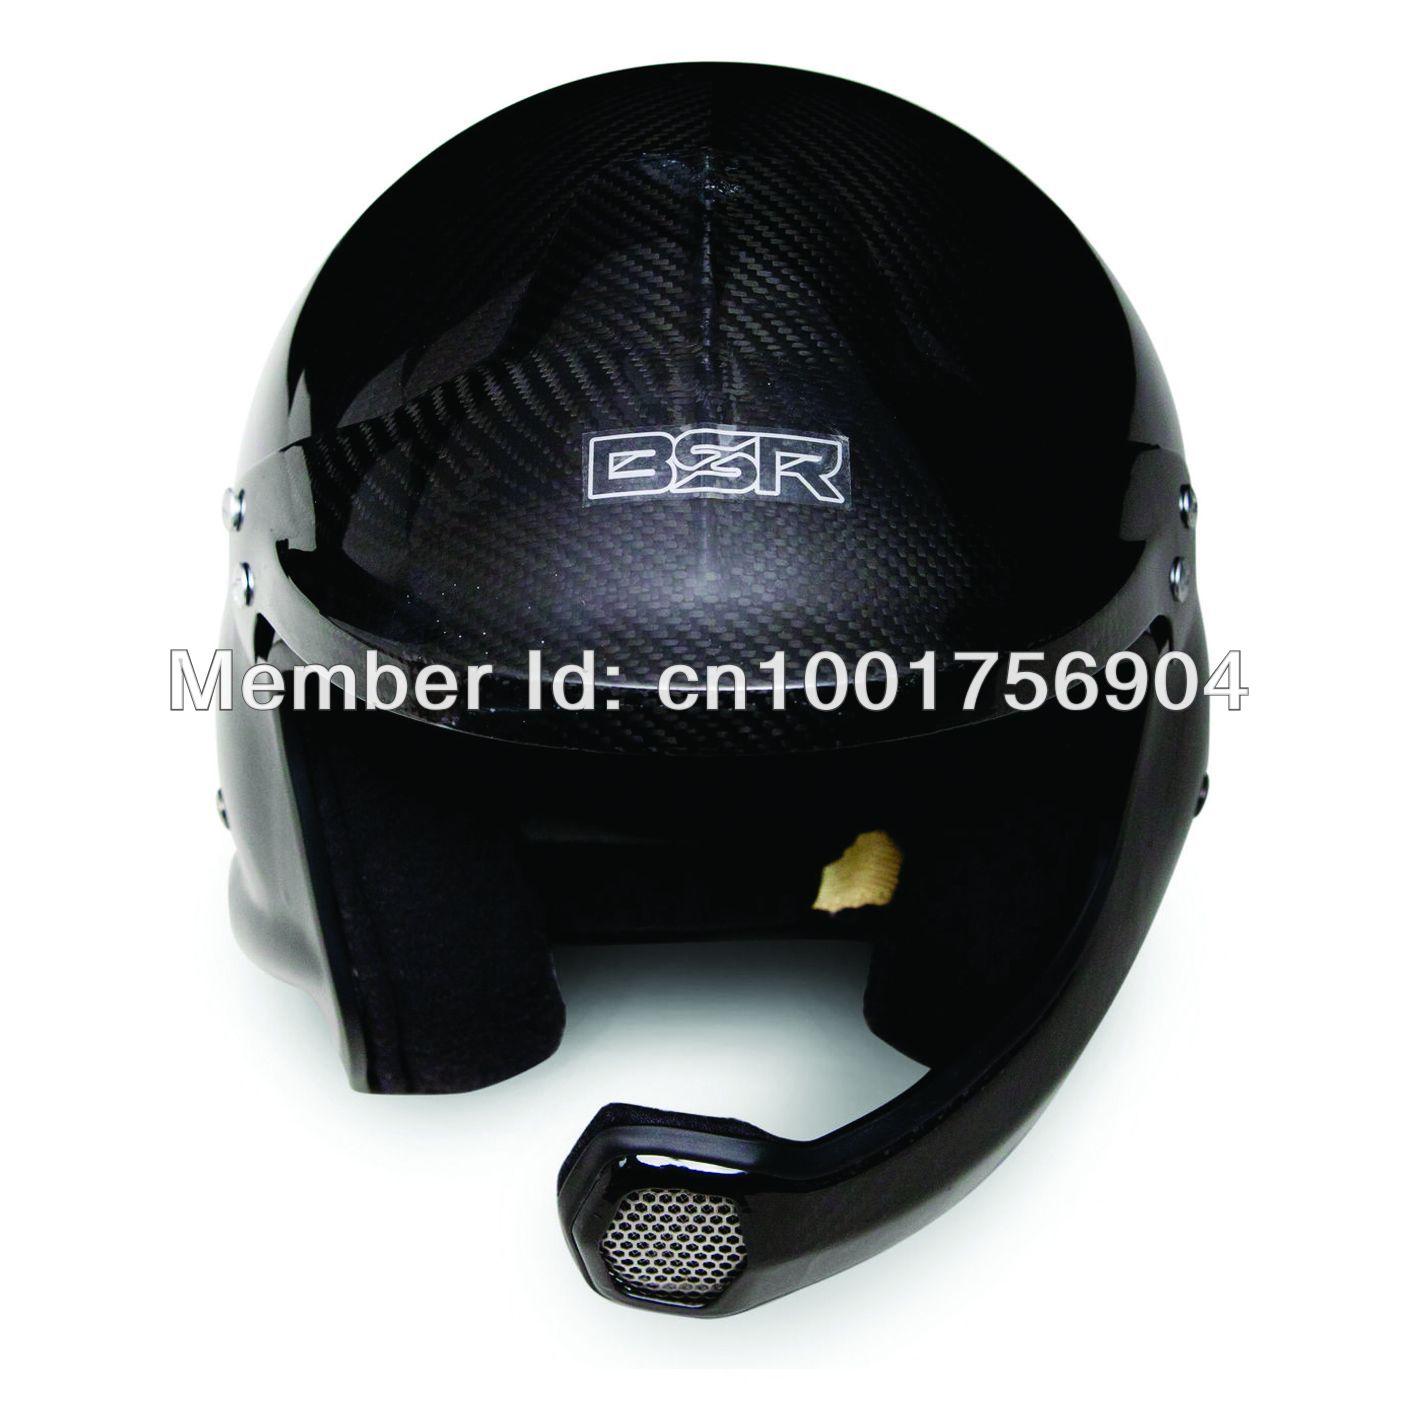 自転車の 自転車 ヘルメット ドイツ製 : Race Car Helmets Snell Rated